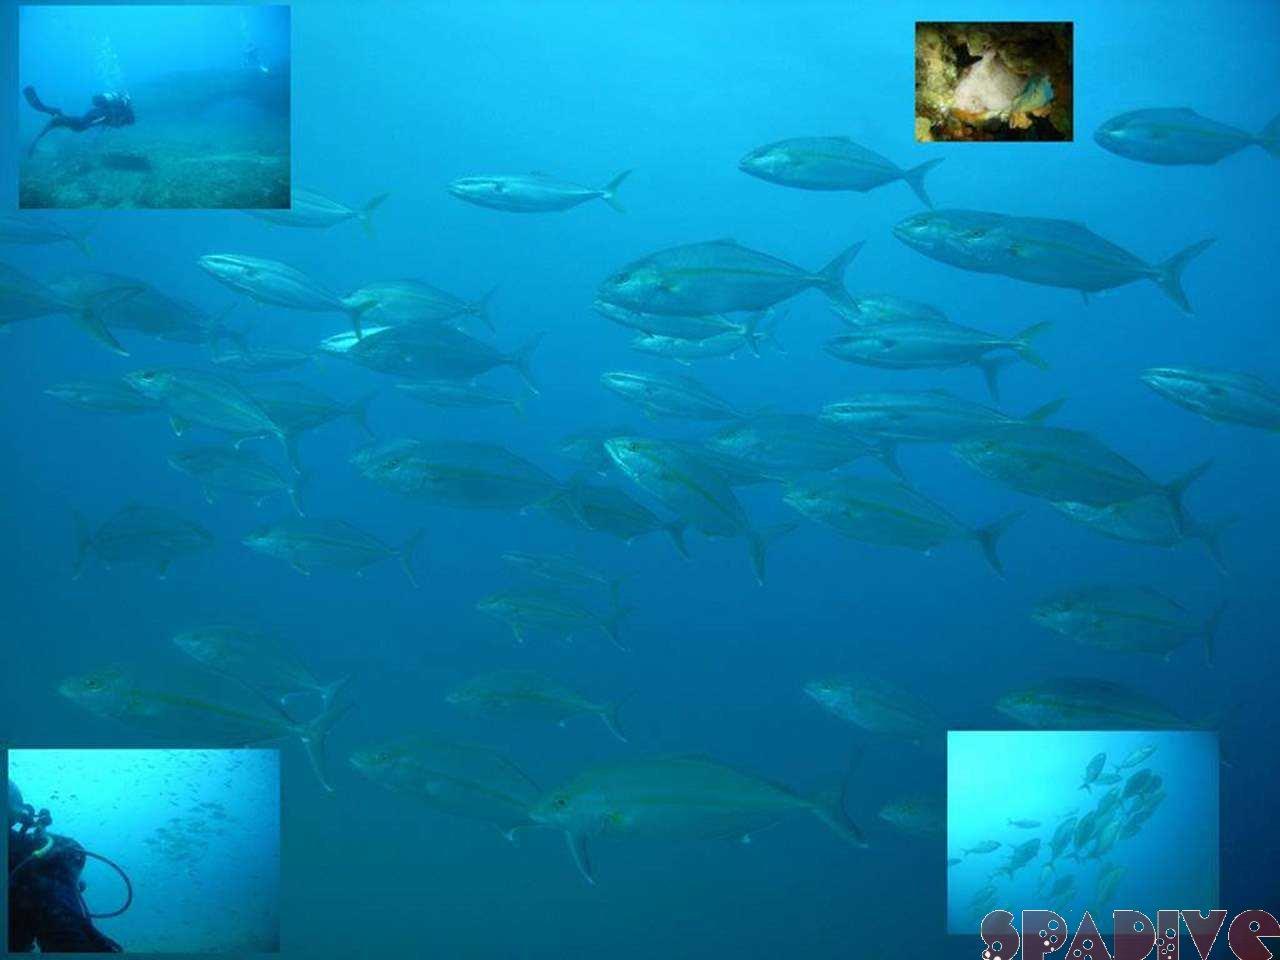 Wアーチ&沈船ボートファンダイブ|11/21/2007白浜